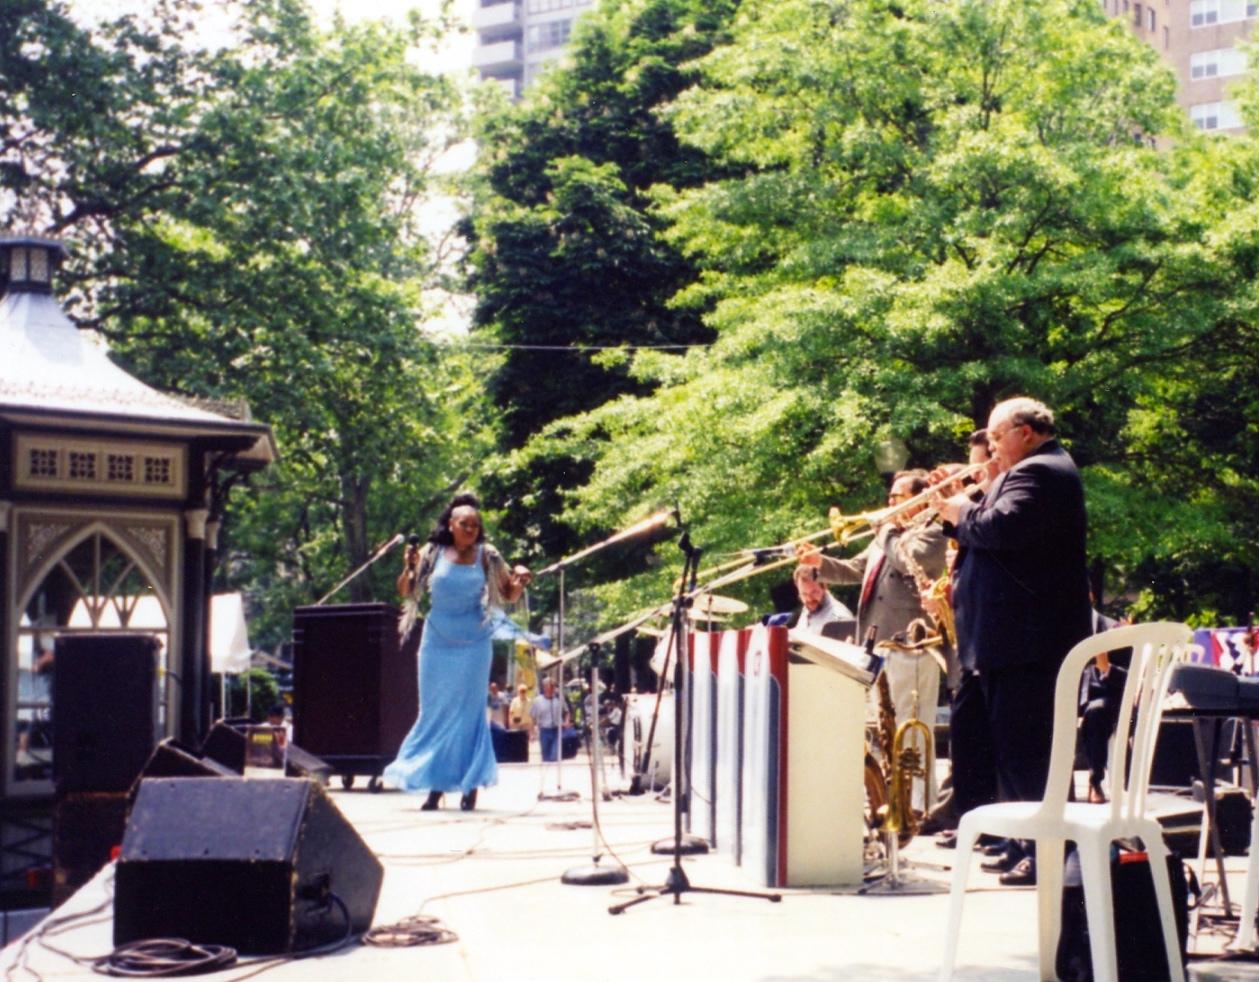 Rittenhouse Square Festival